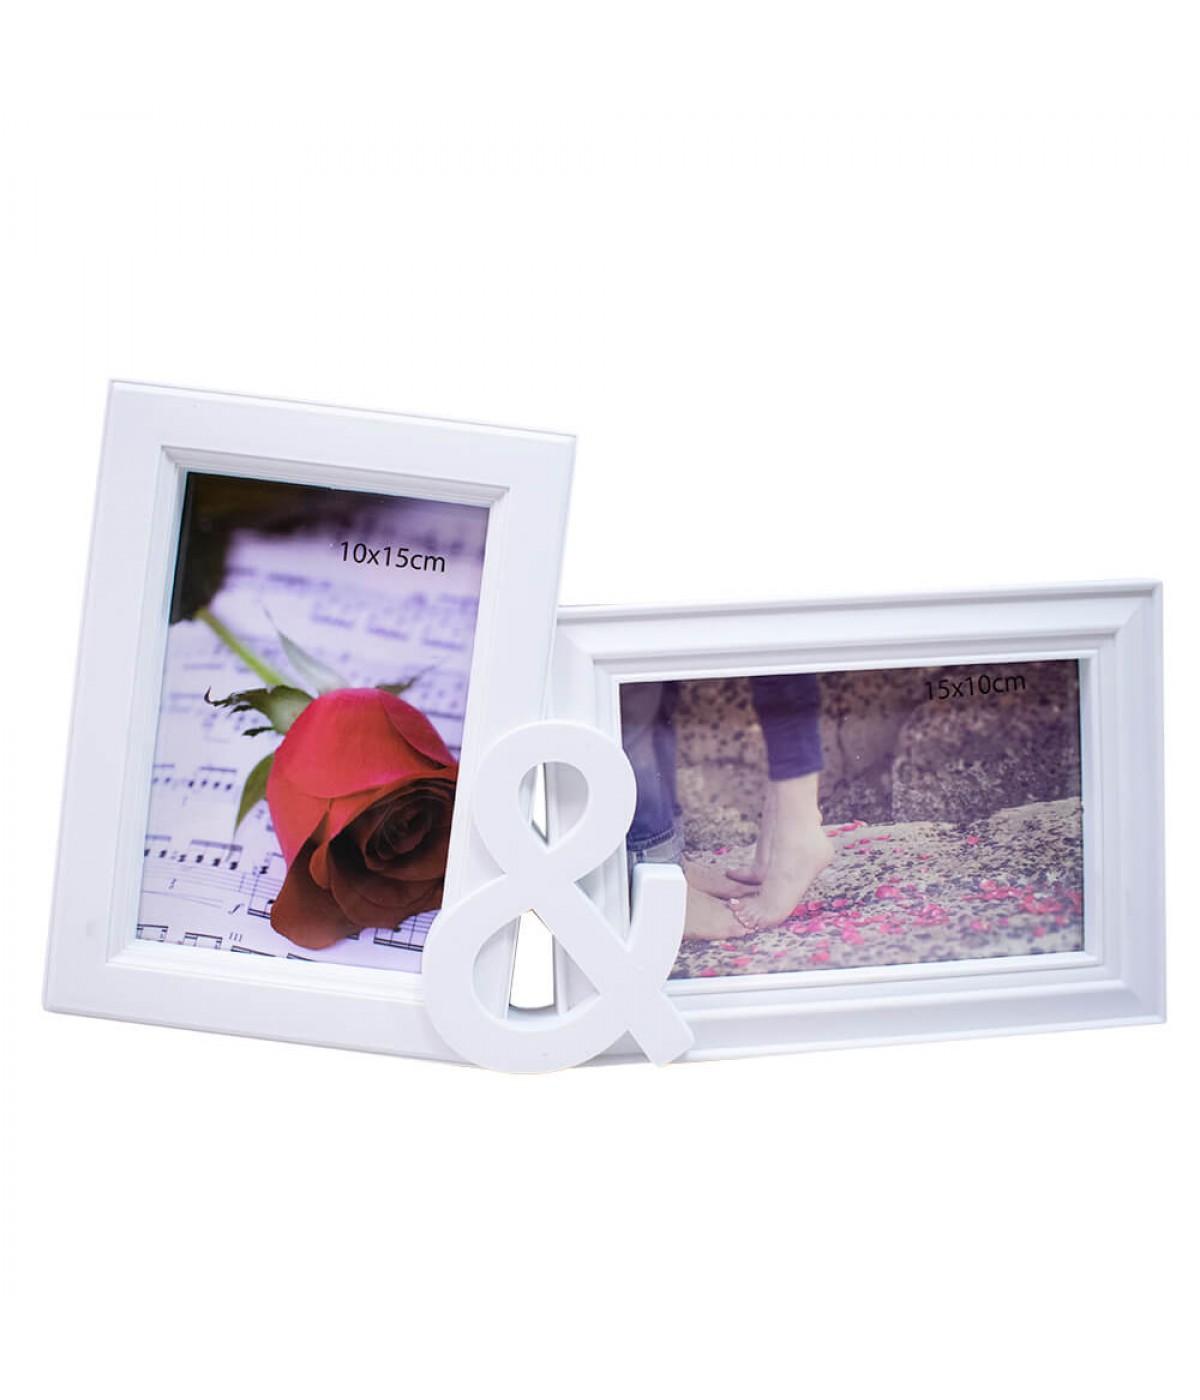 Porta Retrato Branco & 2 Fotos 10x15cm